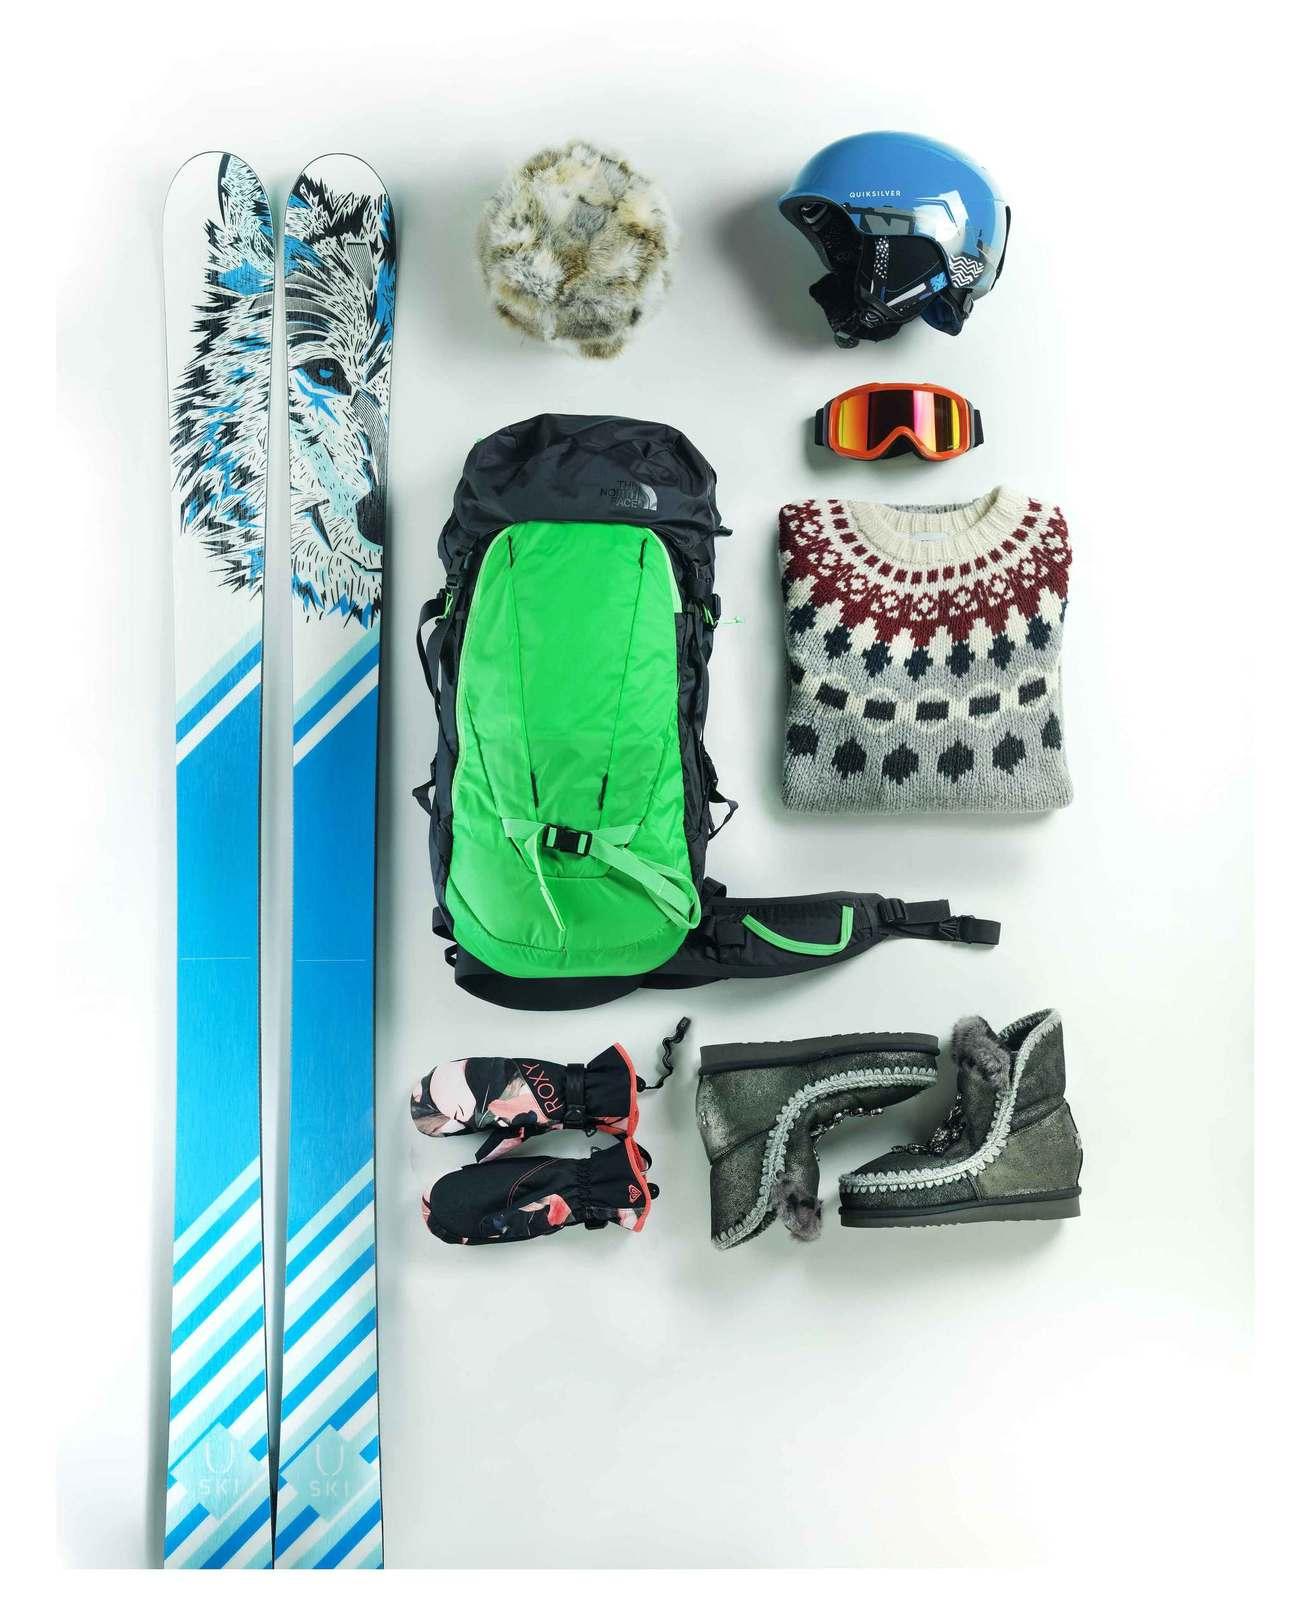 La temporada de esquí arranca este fin de semana en algunas...